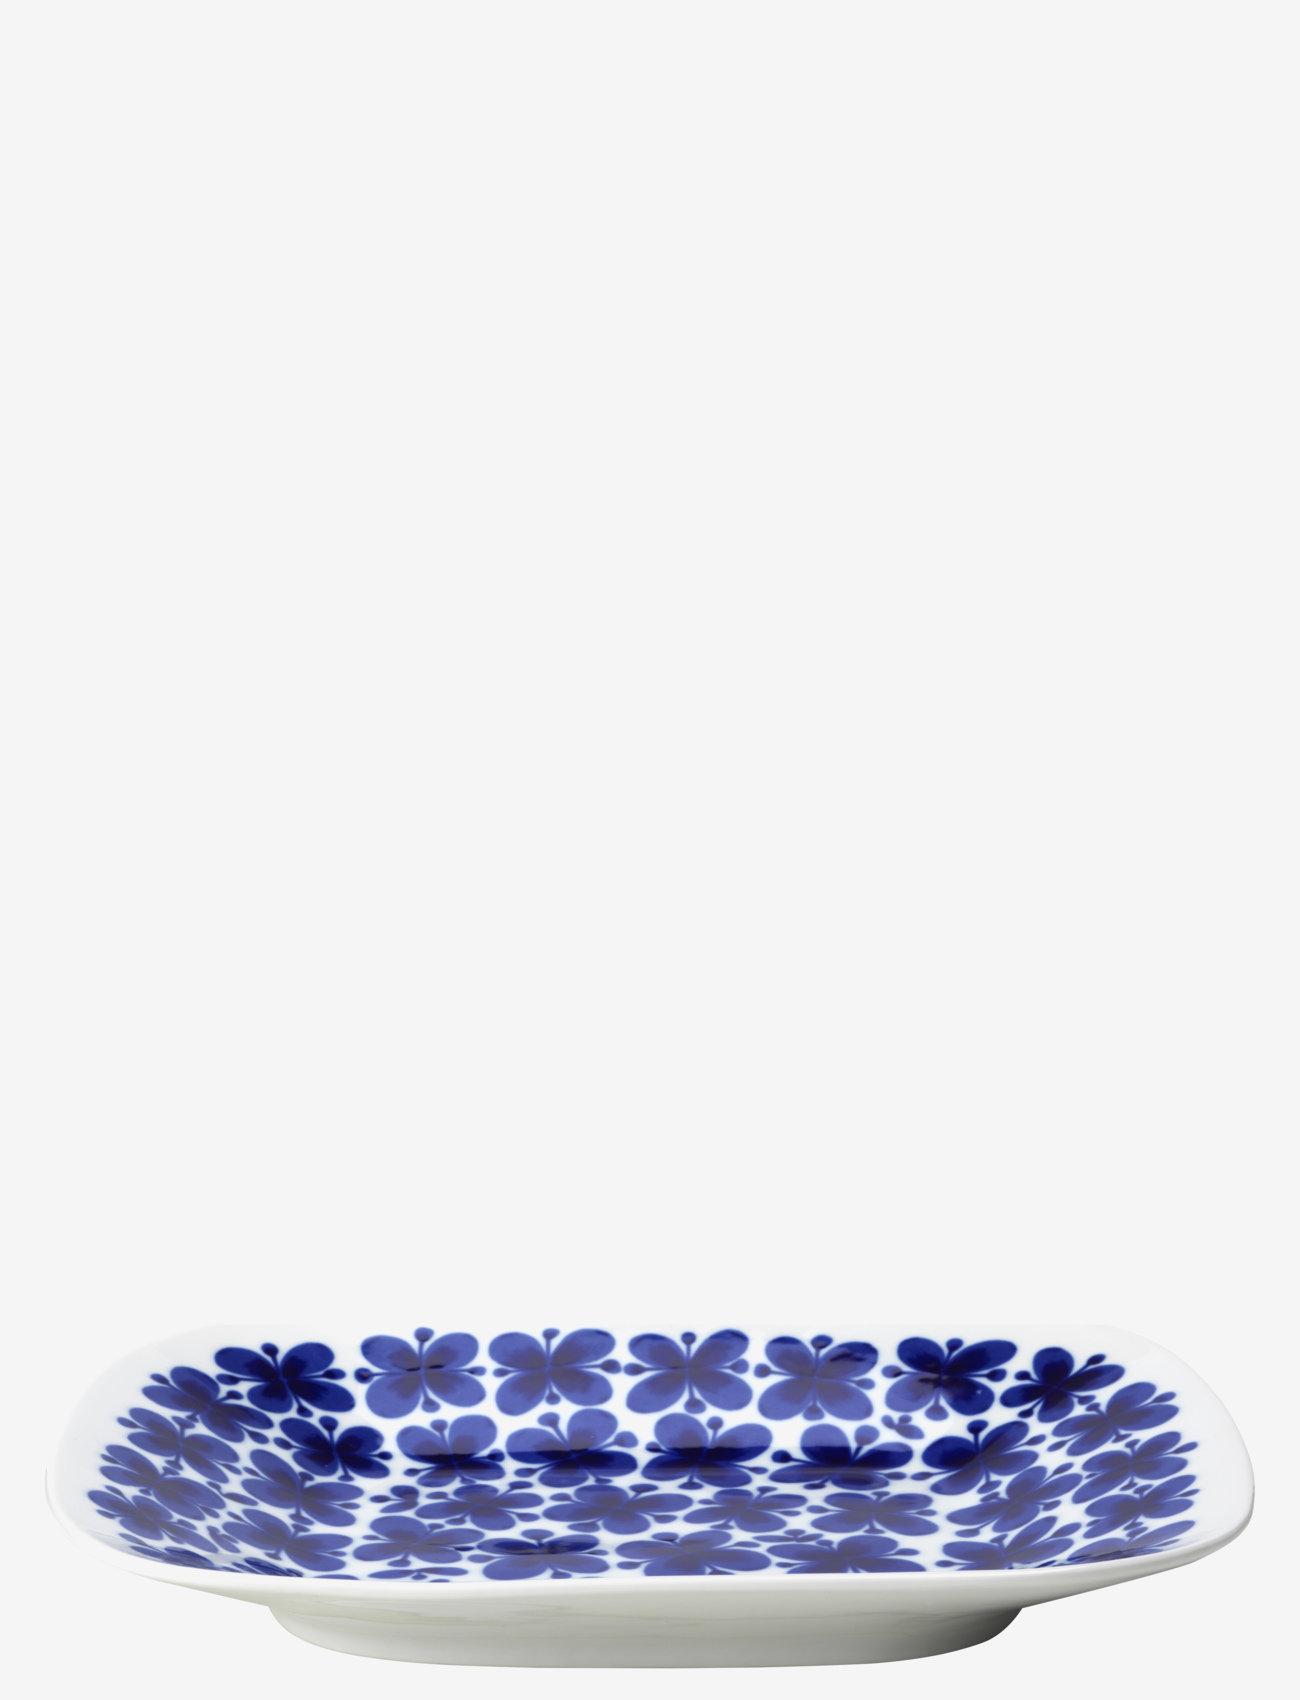 Rörstrand - Mon Amie serveringsfat 22x28cm - serveringsfat - blue - 1